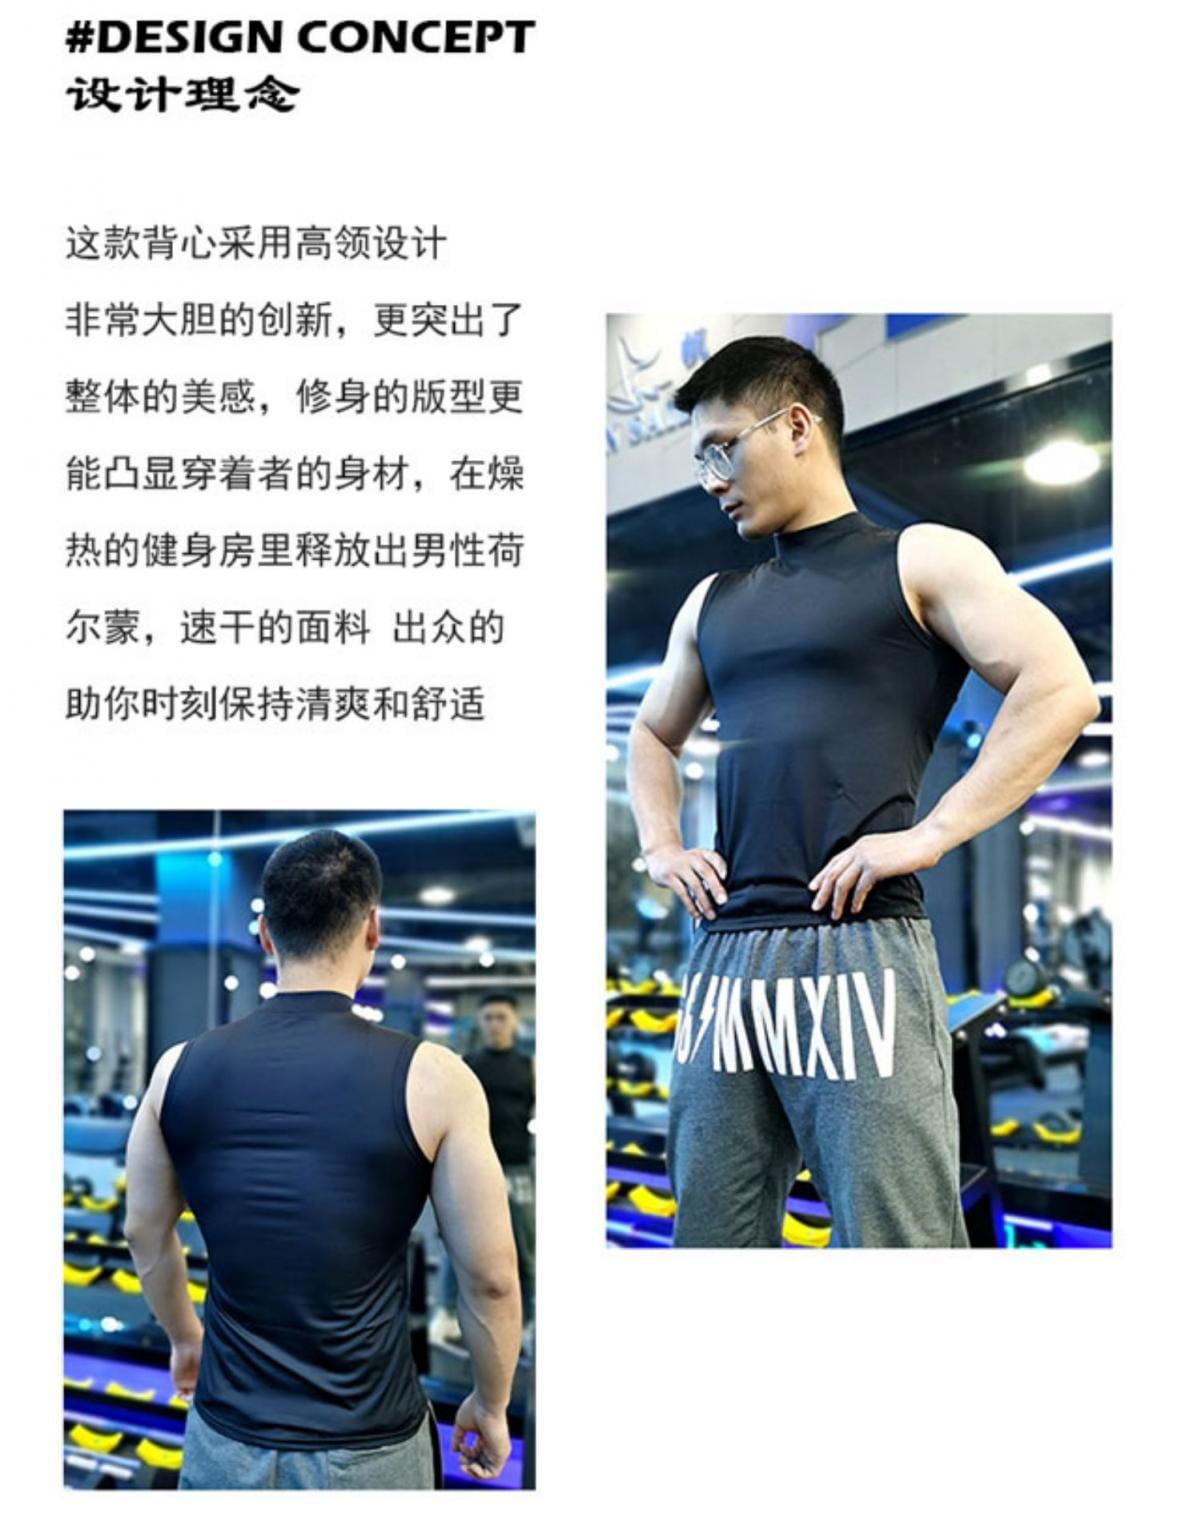 (快速出貨) 男士運動背心無袖緊身速乾運動彈力坎肩健身T恤高領訓練背心 4